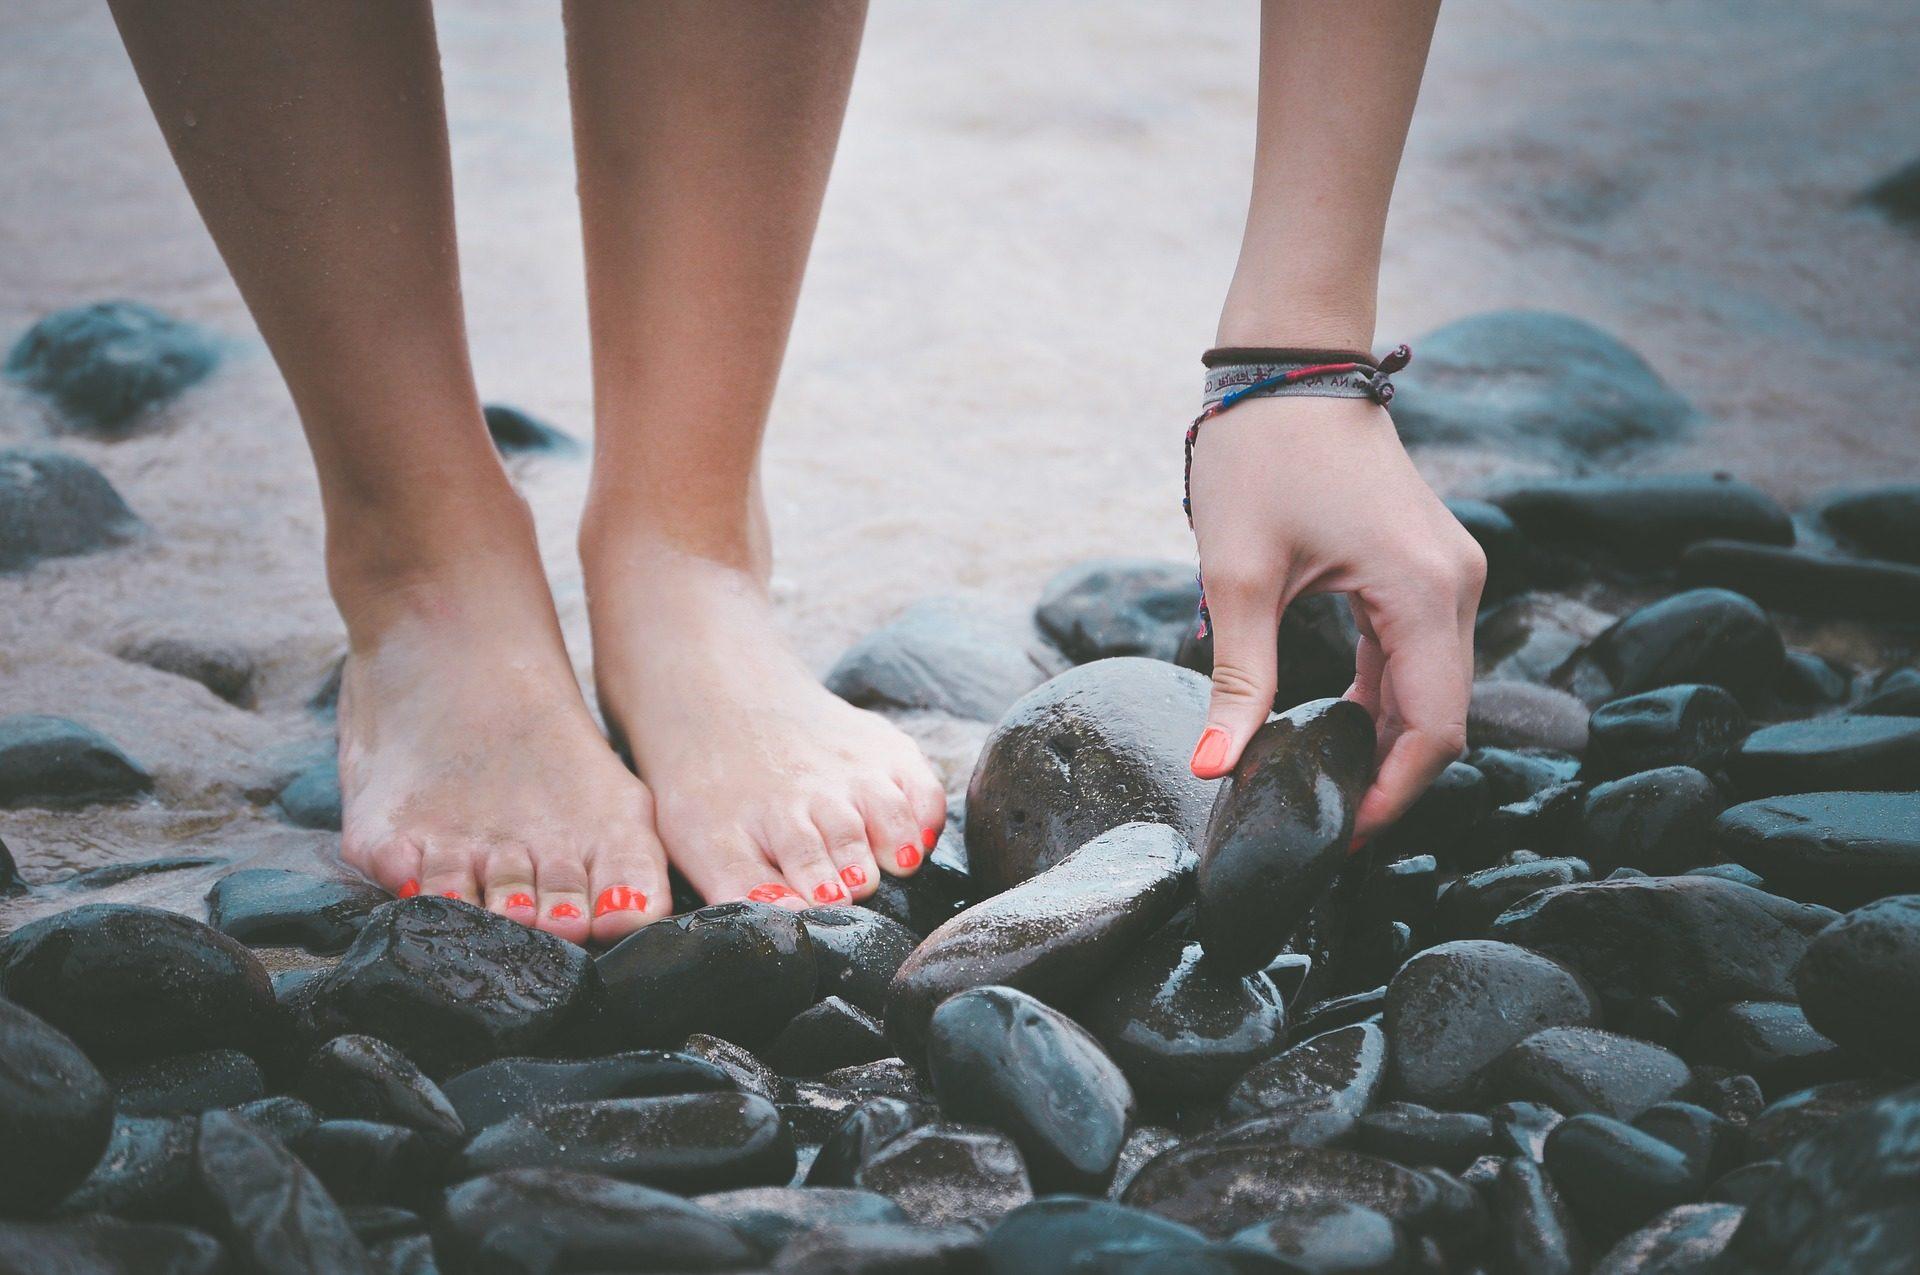 双脚, 石头, 海滩, 指甲, 绘画, 女人 - 高清壁纸 - 教授-falken.com